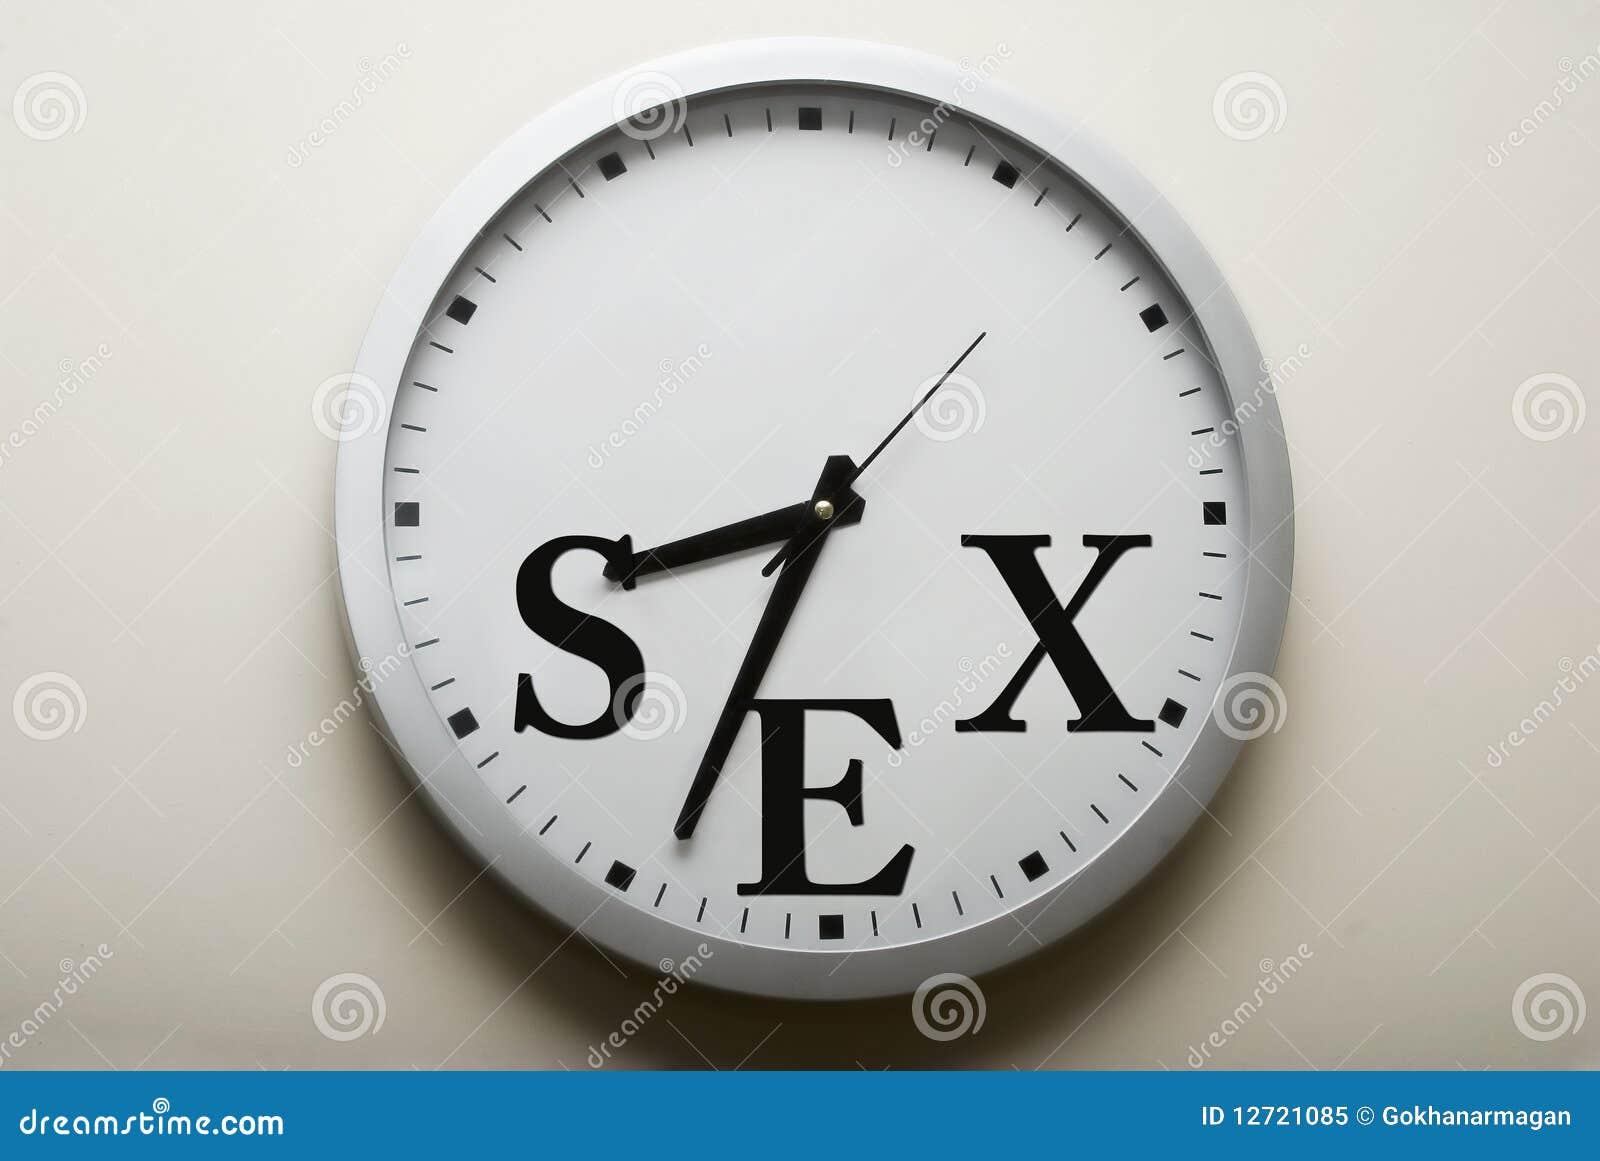 Tempo do sexo